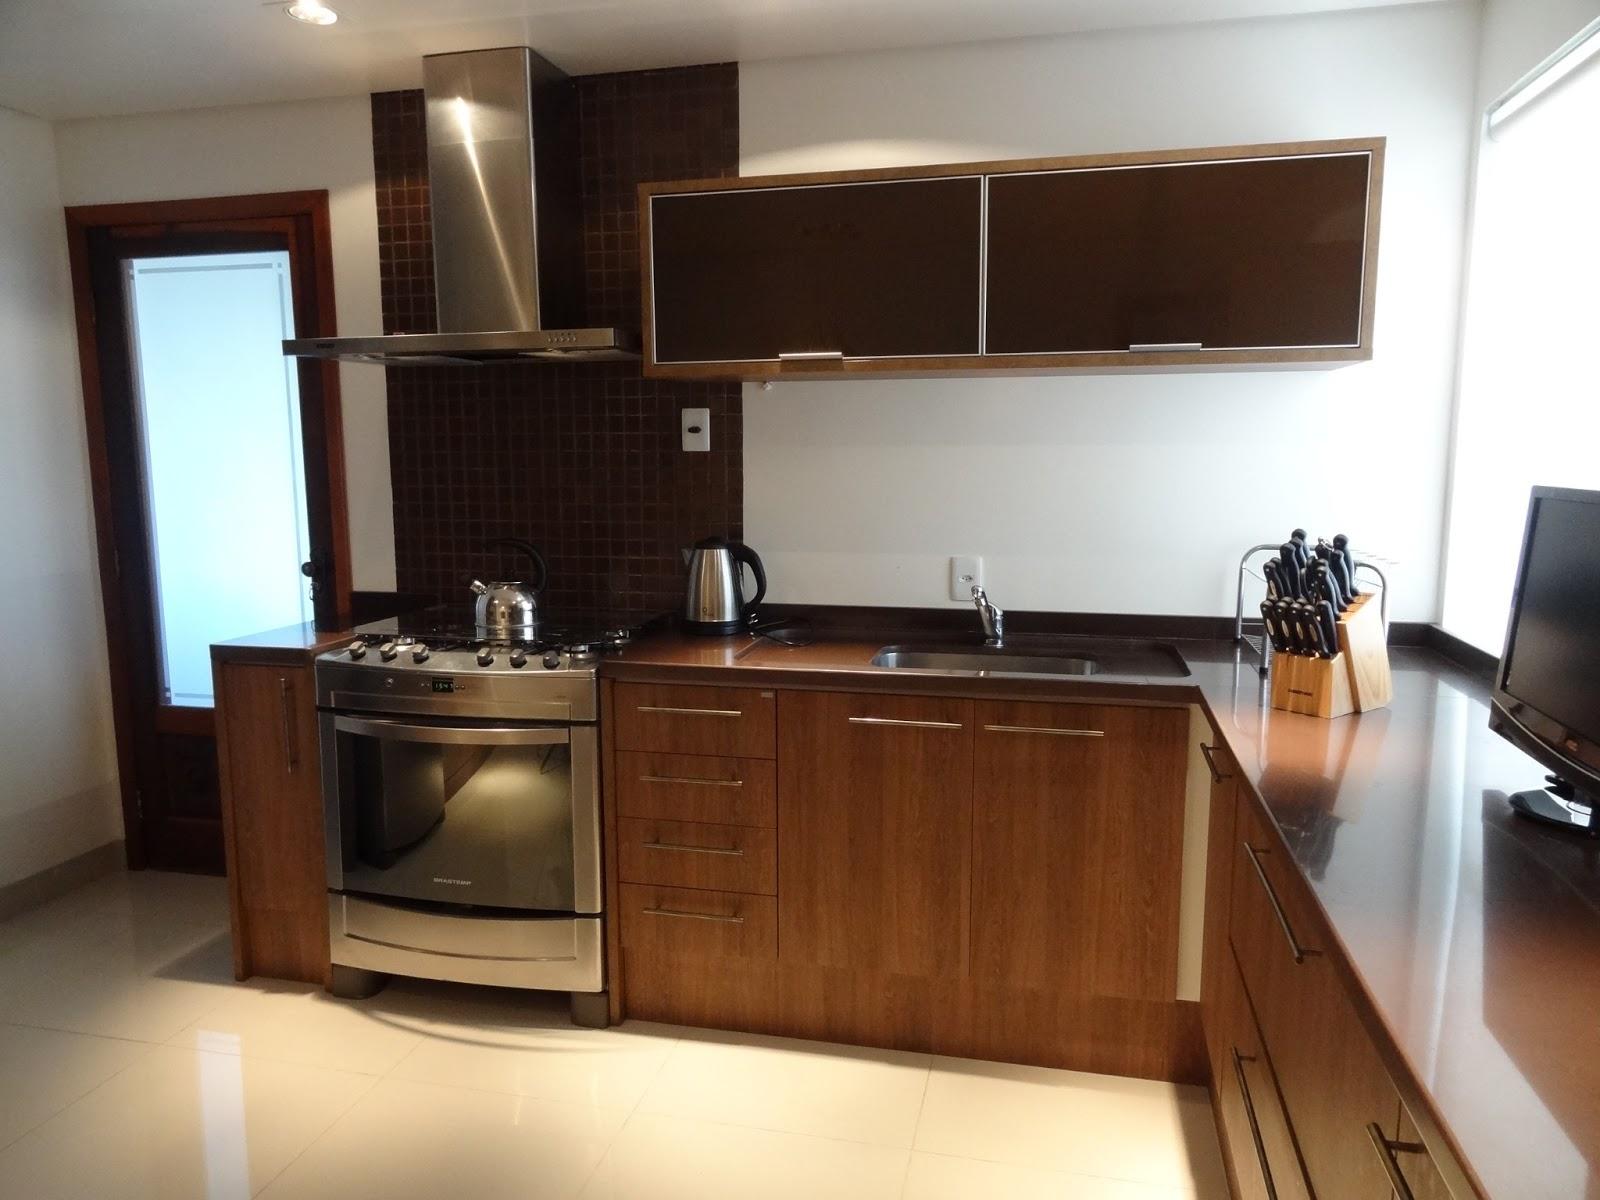 RM Arquitetura: Projeto Reforma Cozinha #663B1E 1600 1200